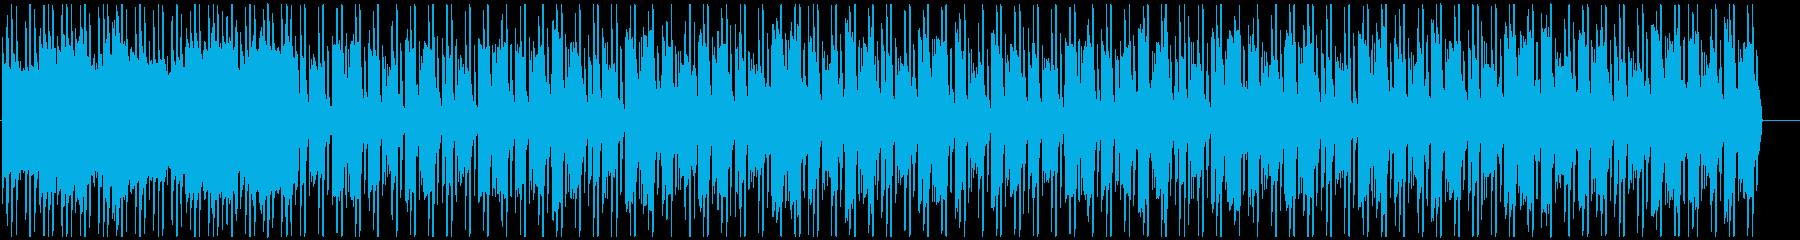 レゲエ ジャジーで大人なラヴァーズロックの再生済みの波形